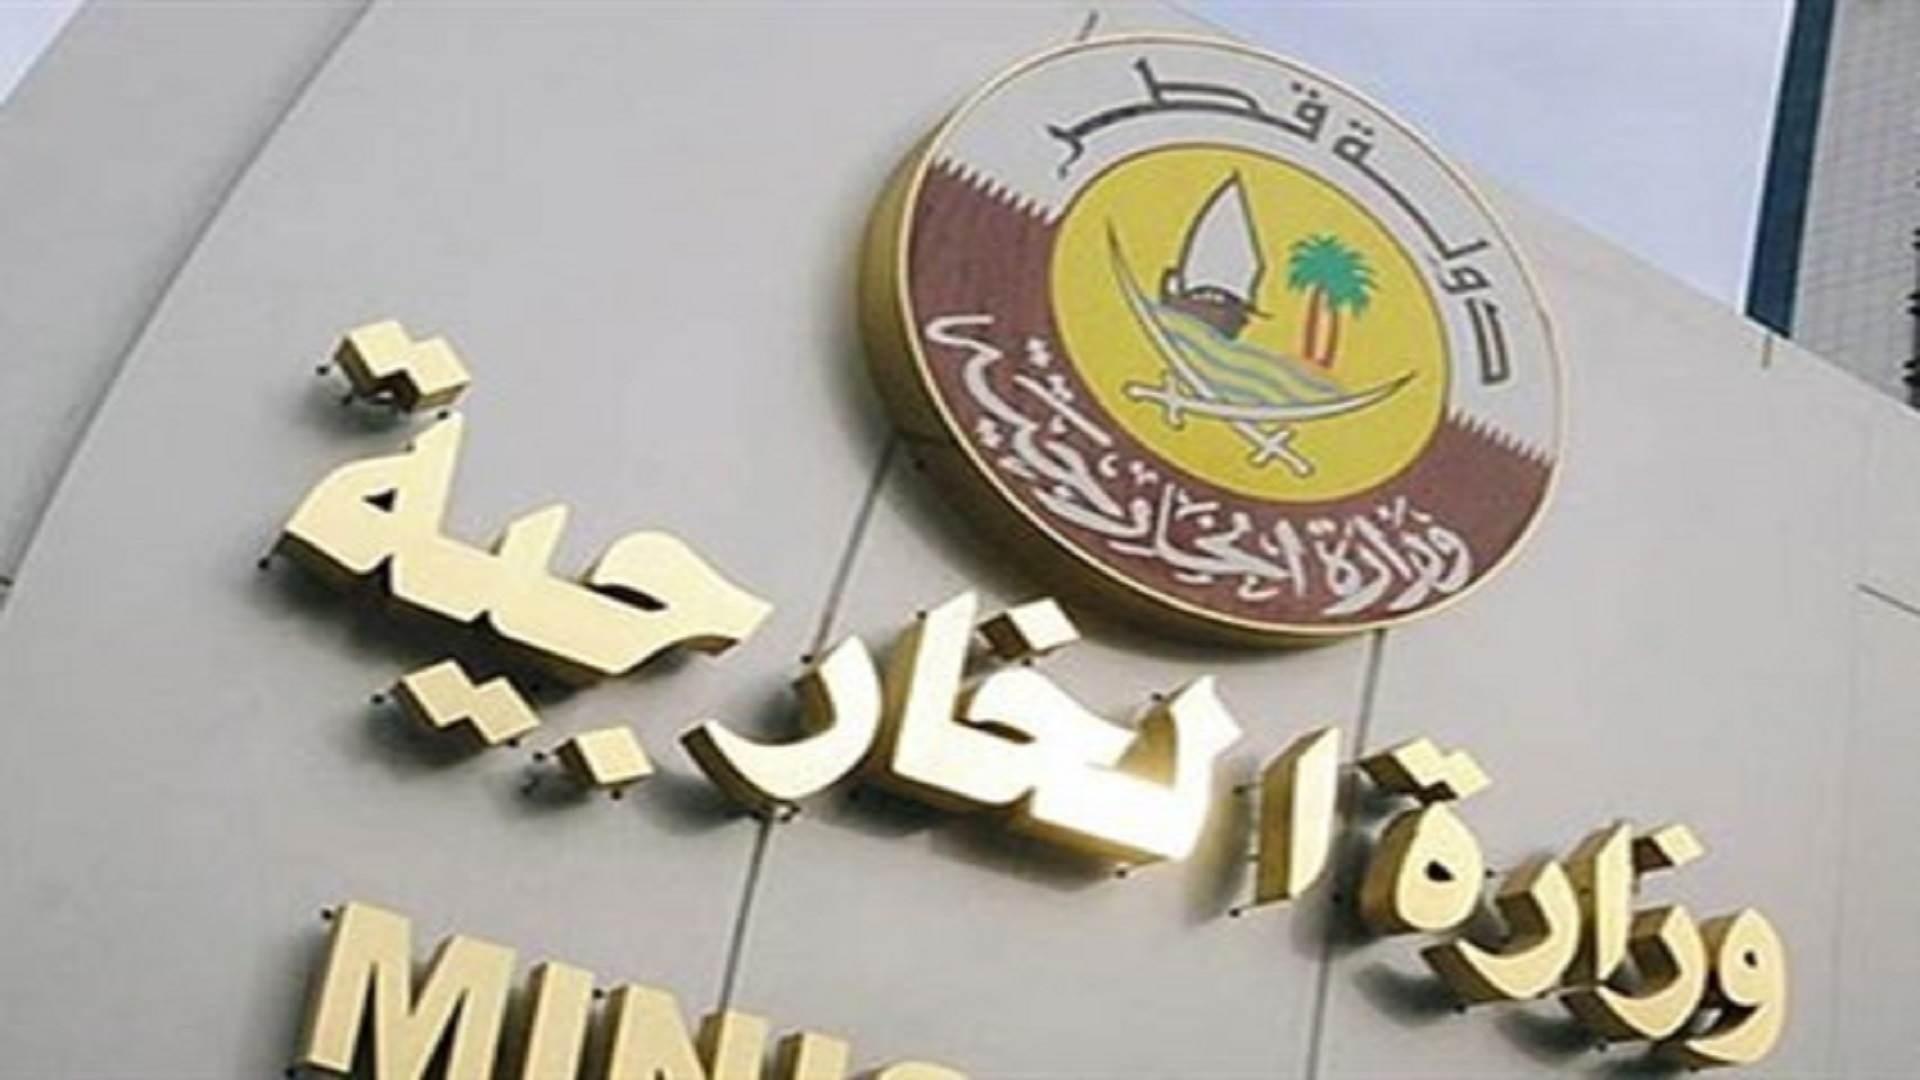 الدوحة تستنكر الحملات الاعلامية لتشويه صورتها على حساب الشعب الفلسطيني